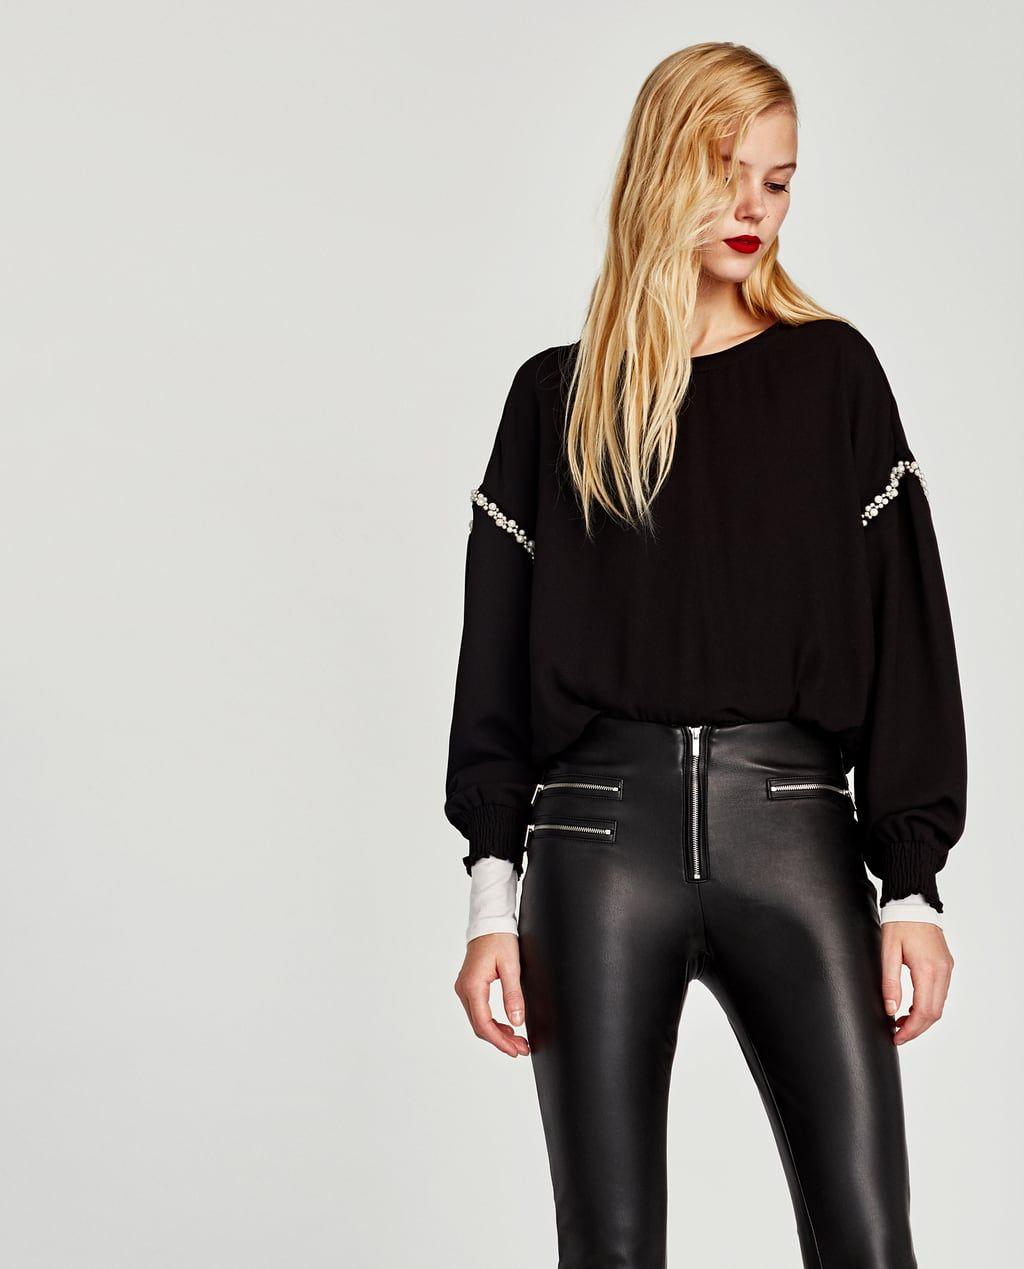 Zara Dan 2 Fermuarli Suni Deri Pantolon Resmi Pantolon Zara Giyim